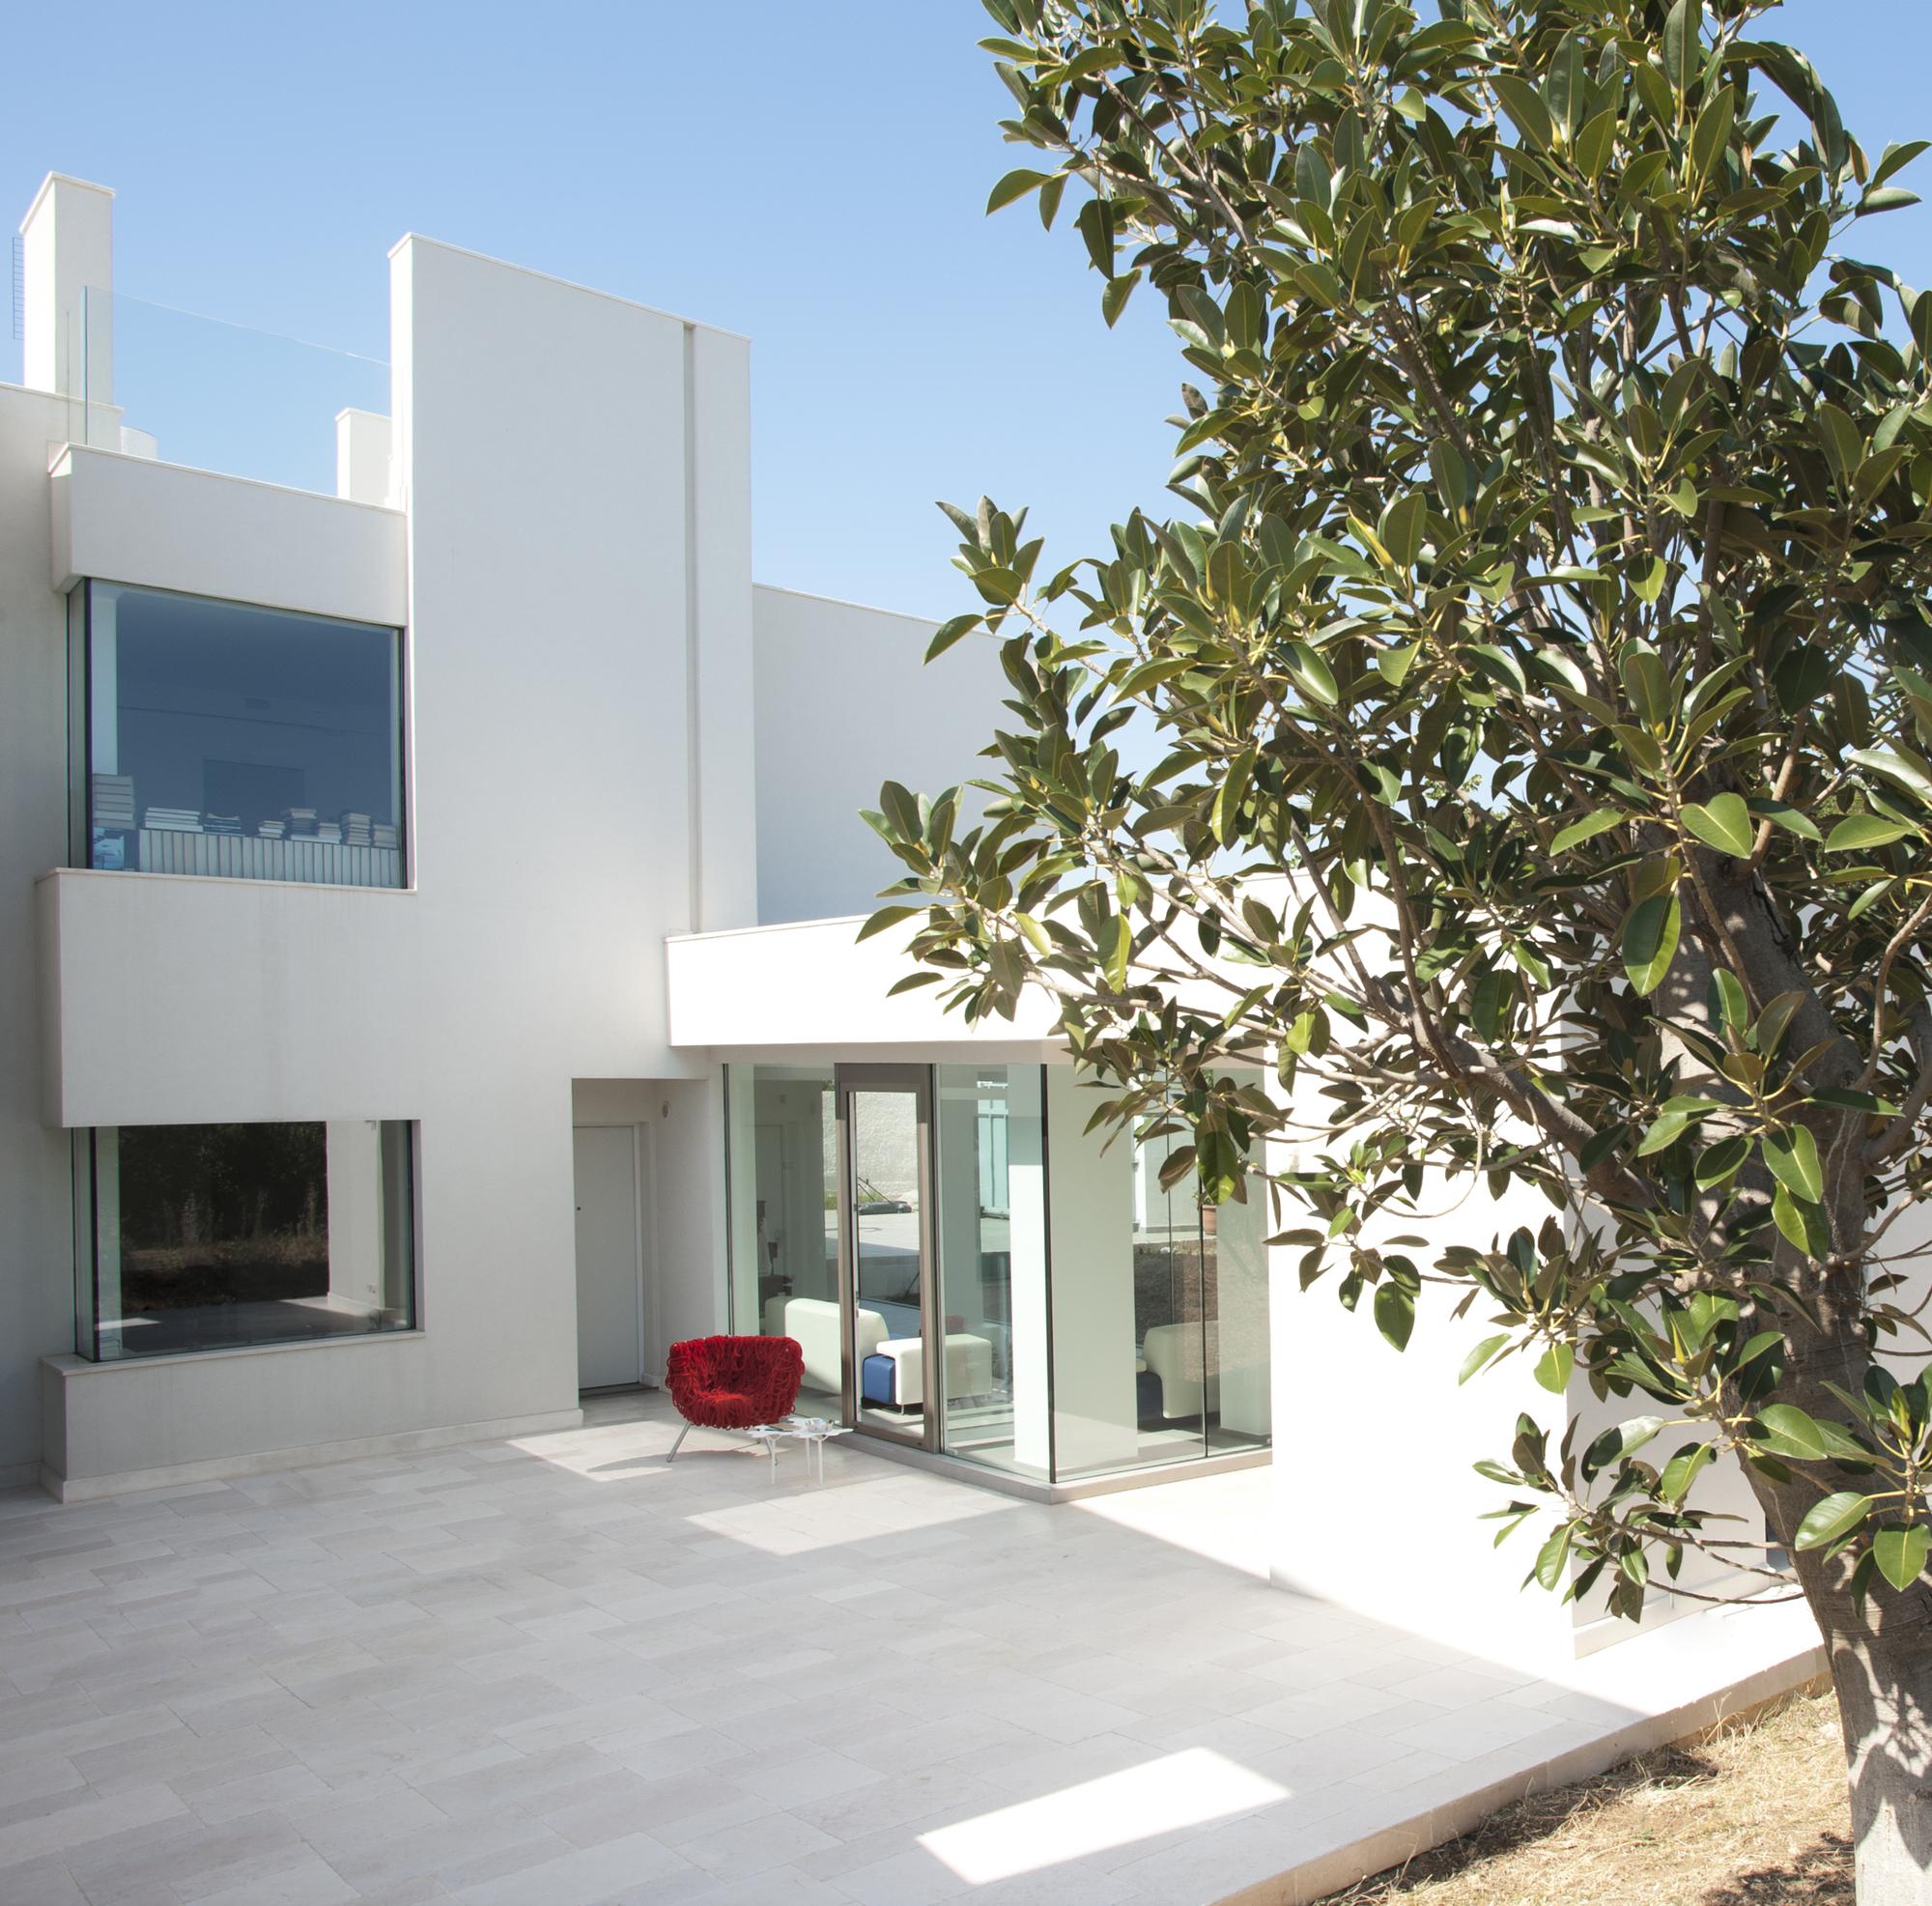 Ngắm biệt thự hiện đại màu trắng đẹp tinh khôi, thoáng sáng